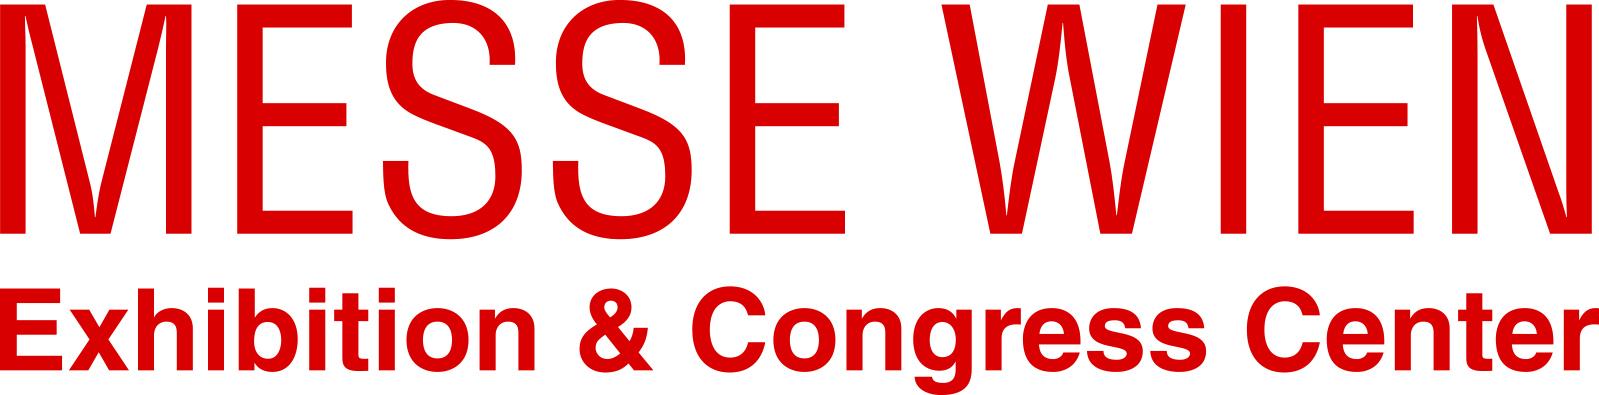 Messe Wien Exhibition & Congress Center CMYK 300dpi